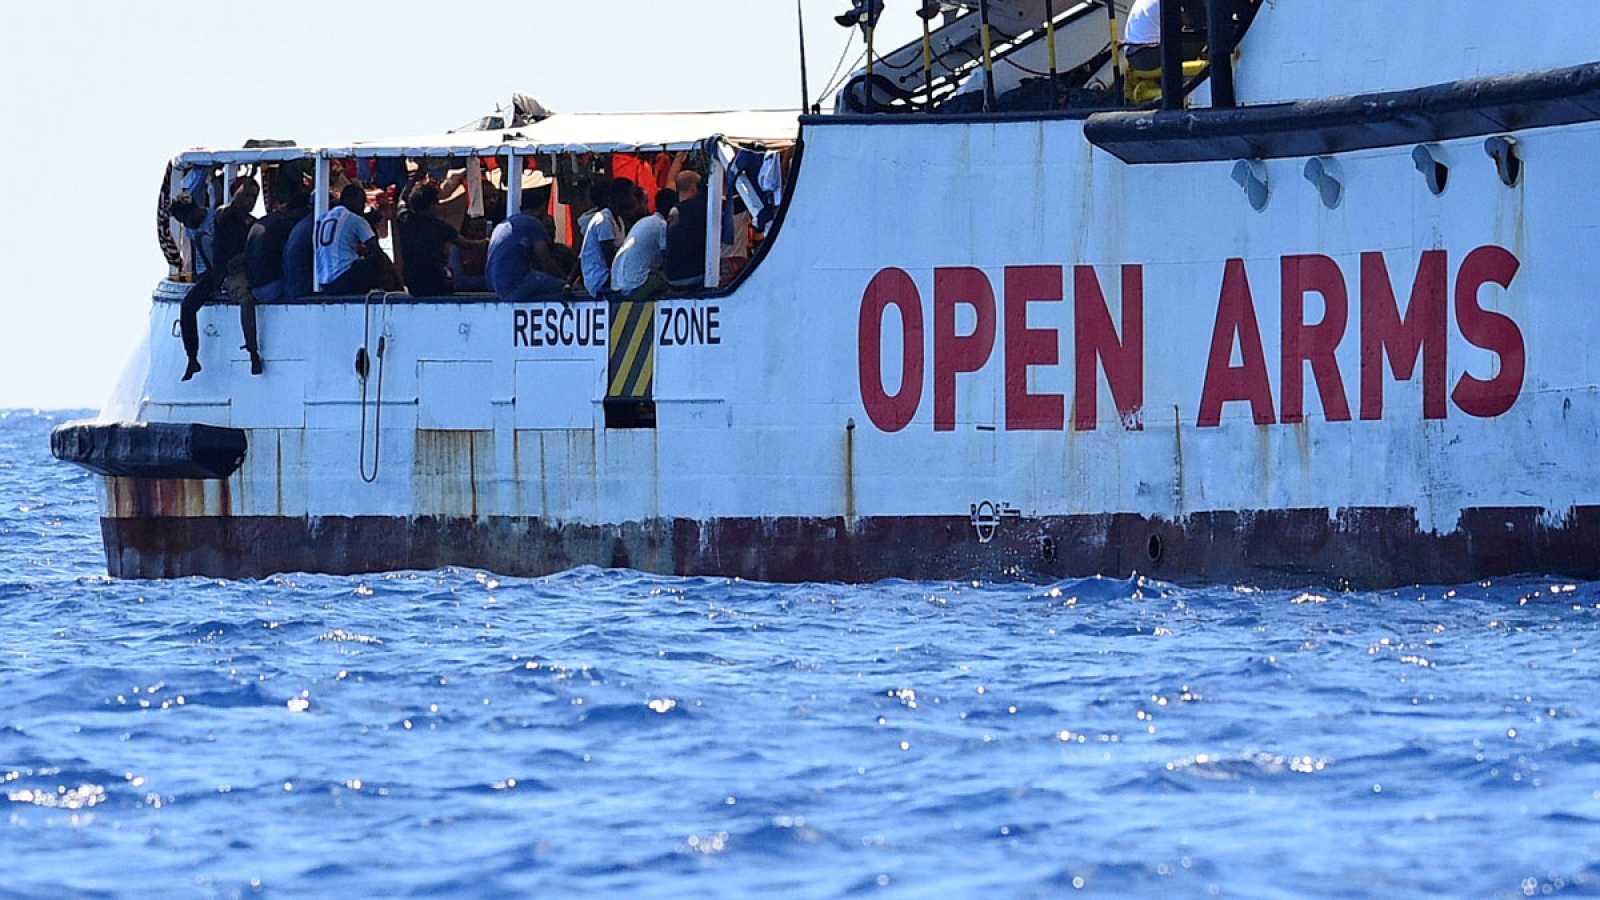 La desesperación cunde en el Open Arms al permanecer bloqueado frente a Lampedusa